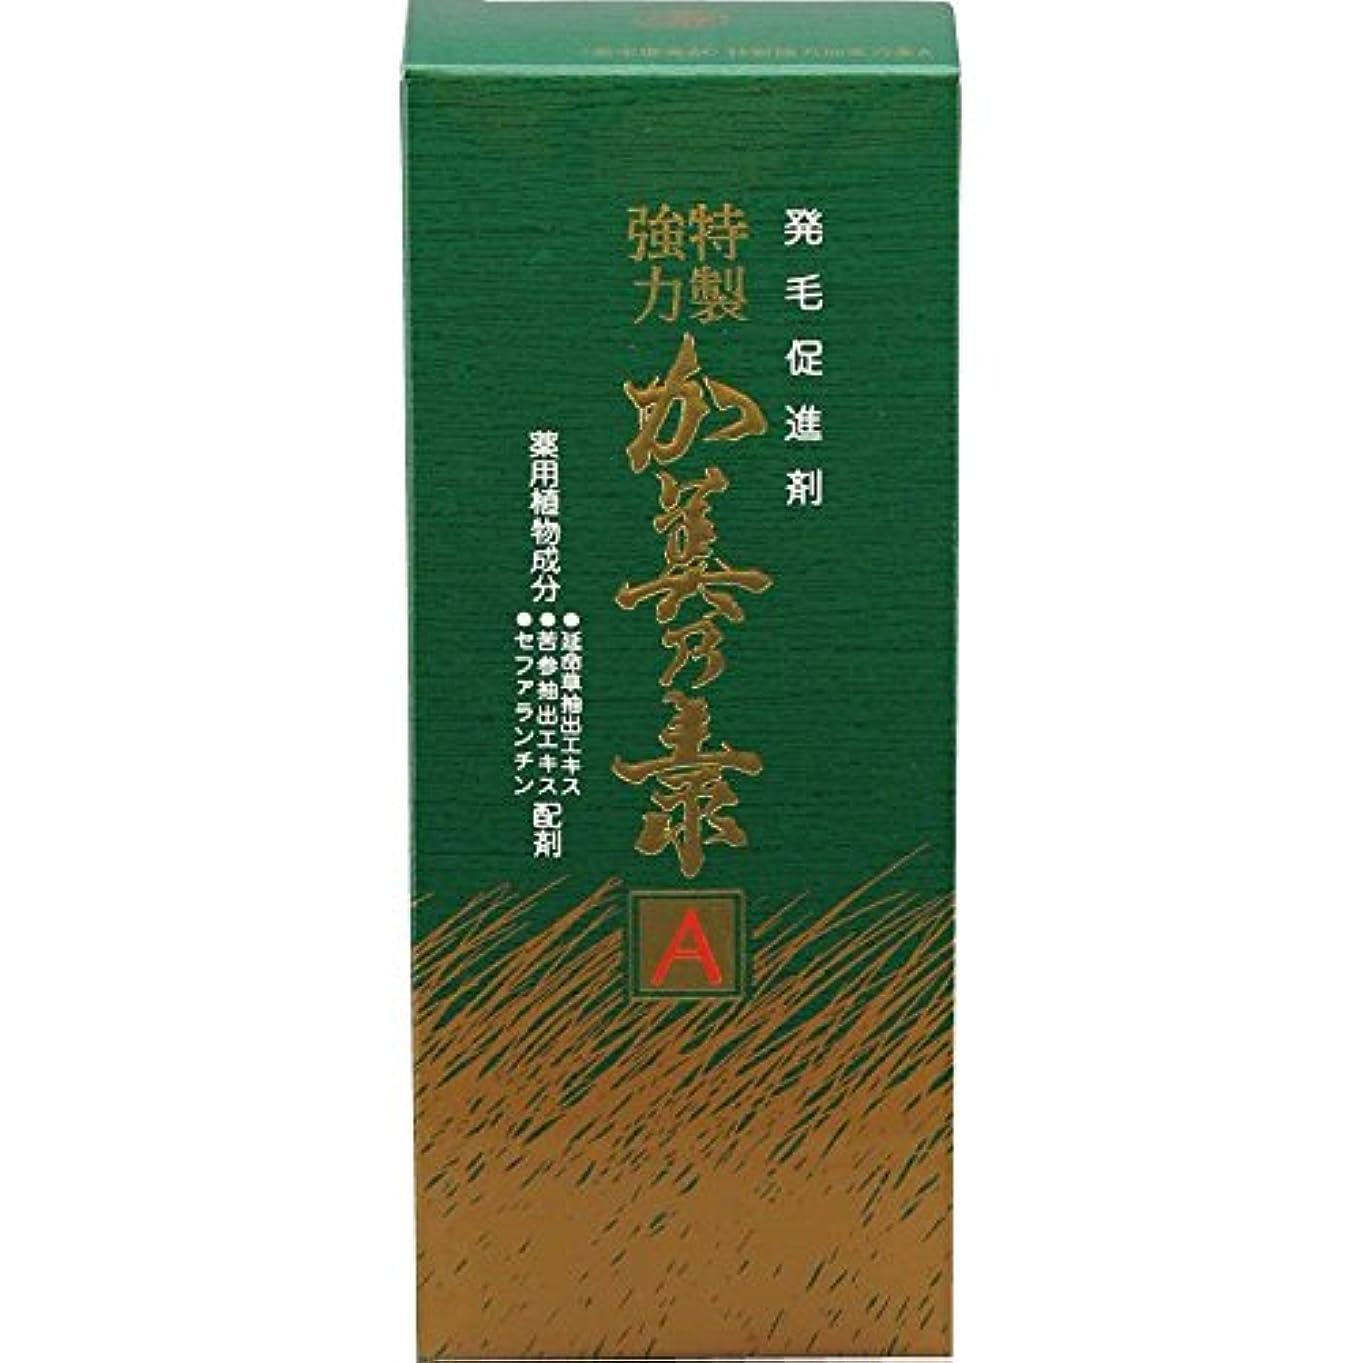 ペスト部分不機嫌特製強力加美乃素A フレッシュシトラスの香り 180mL×6個